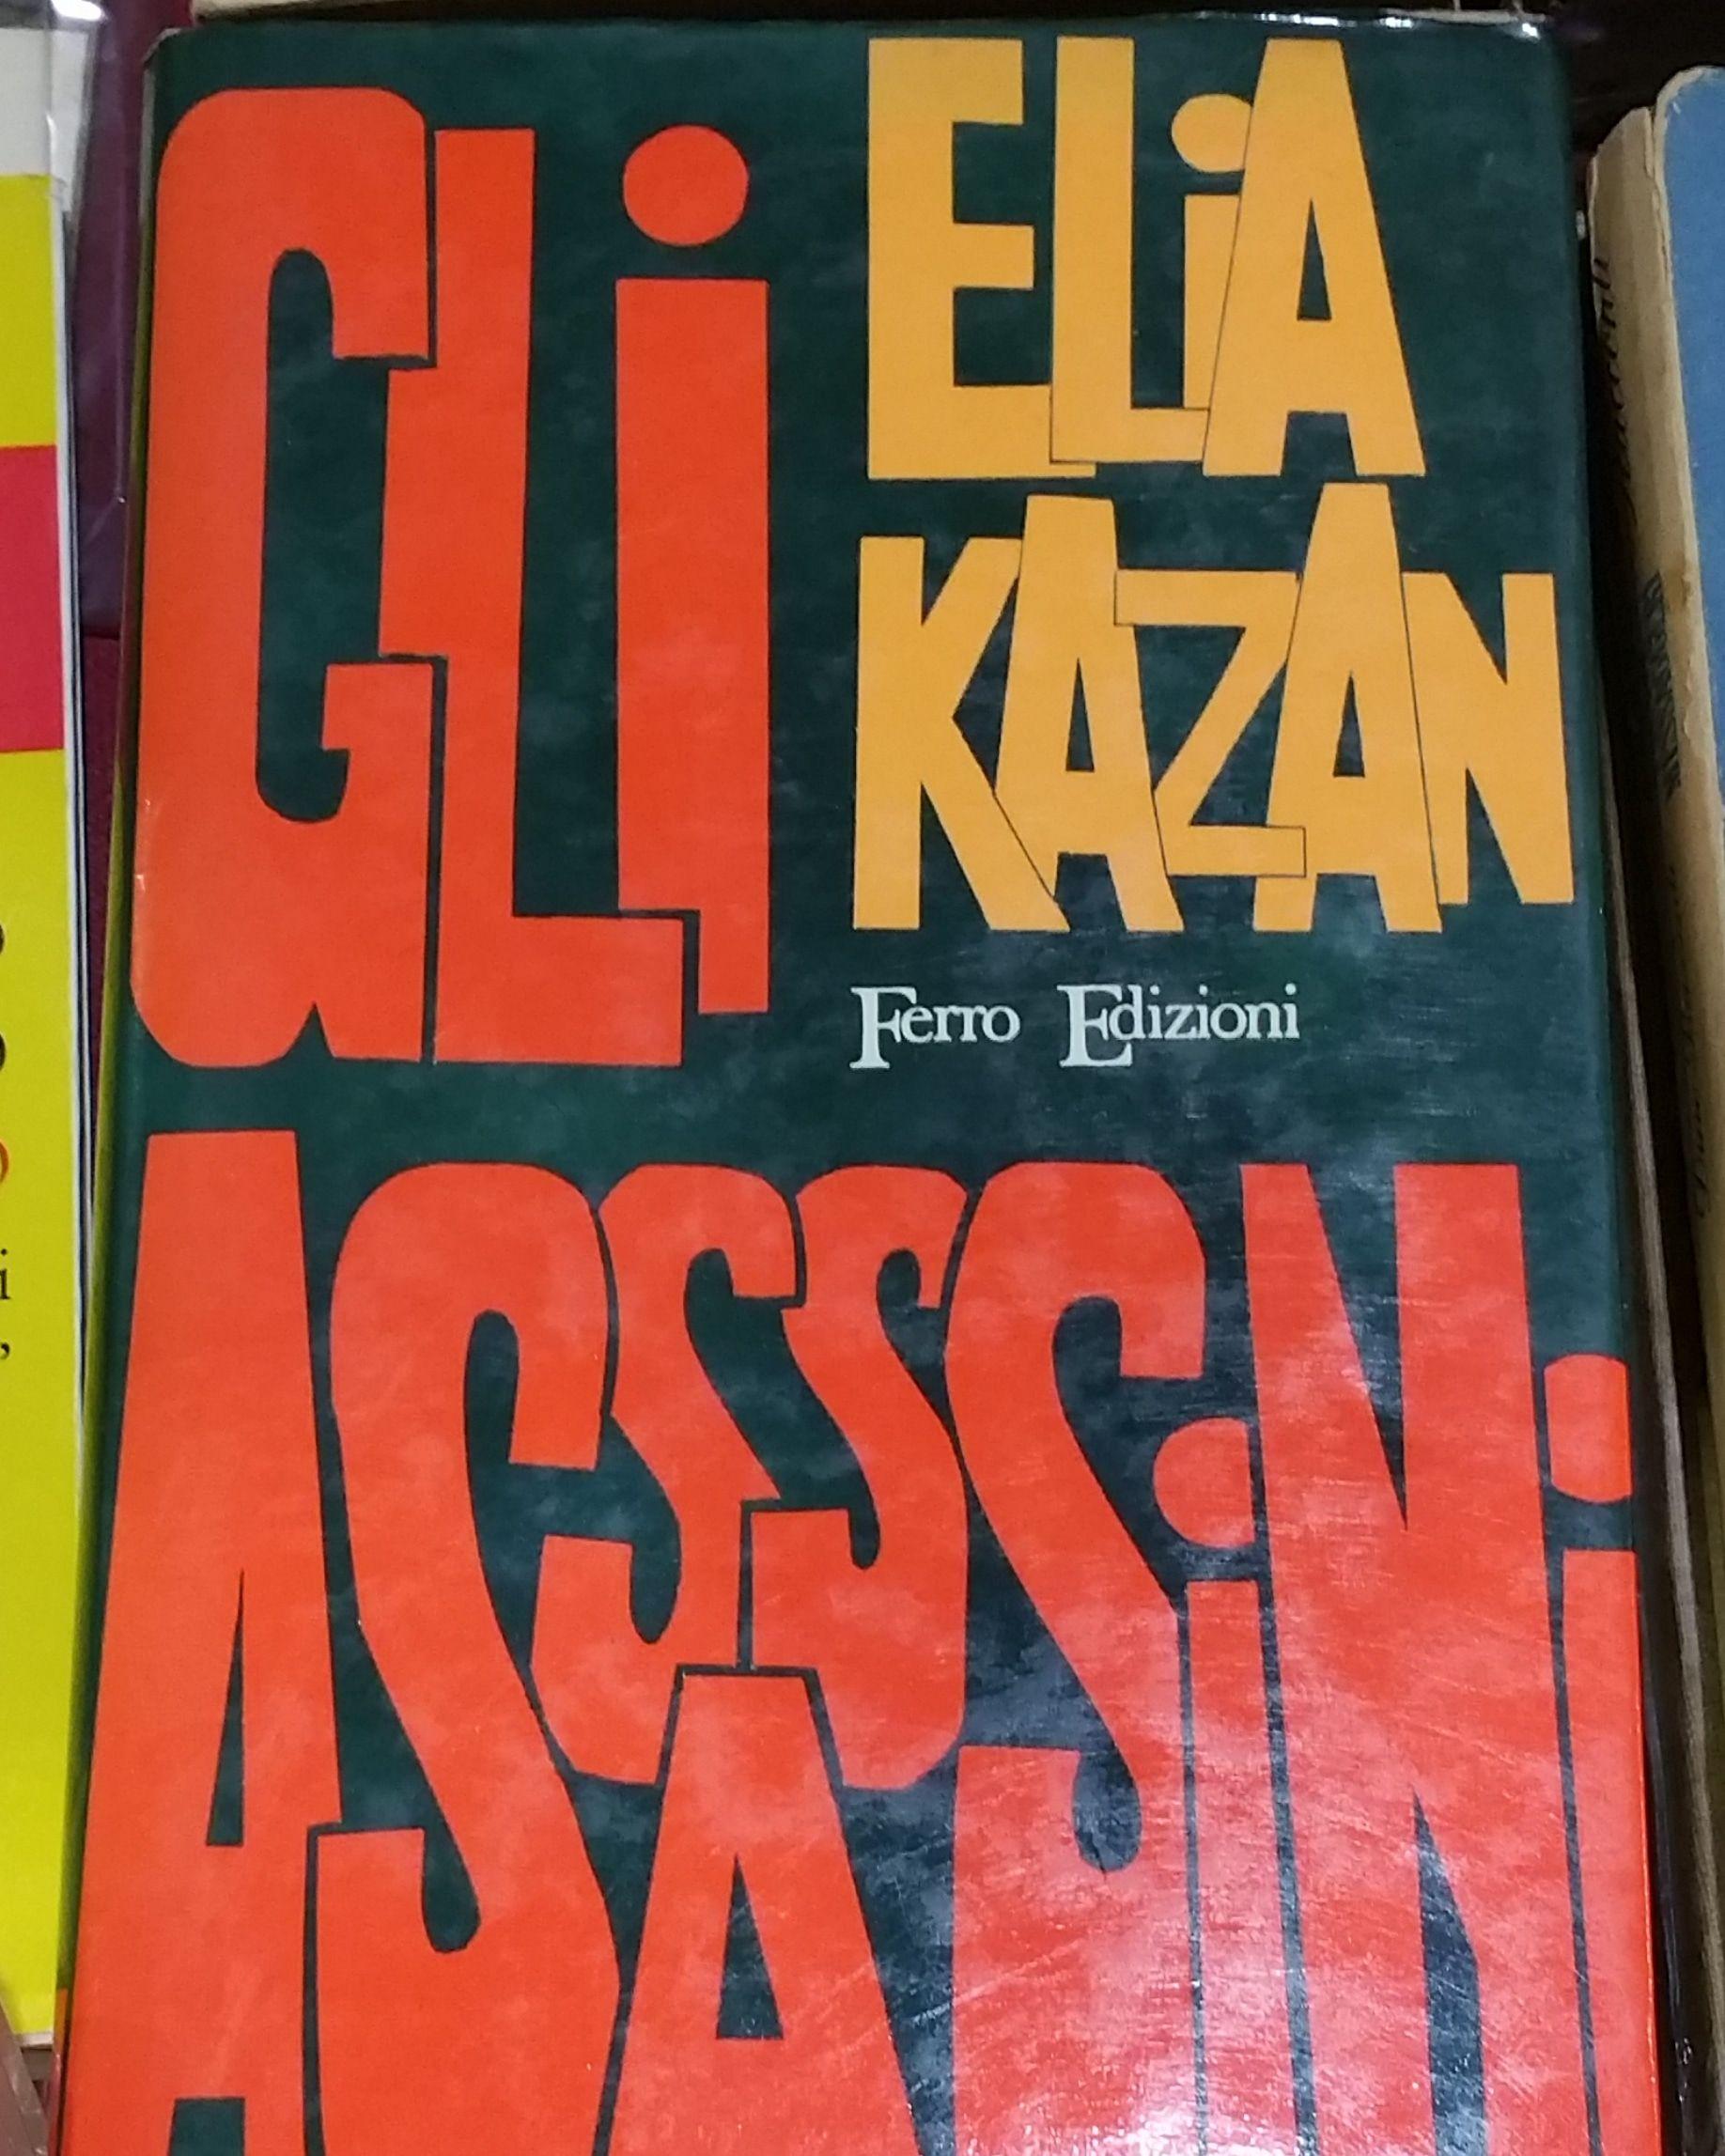 Salone del libro usato di Milano: breve carrellata di immagini